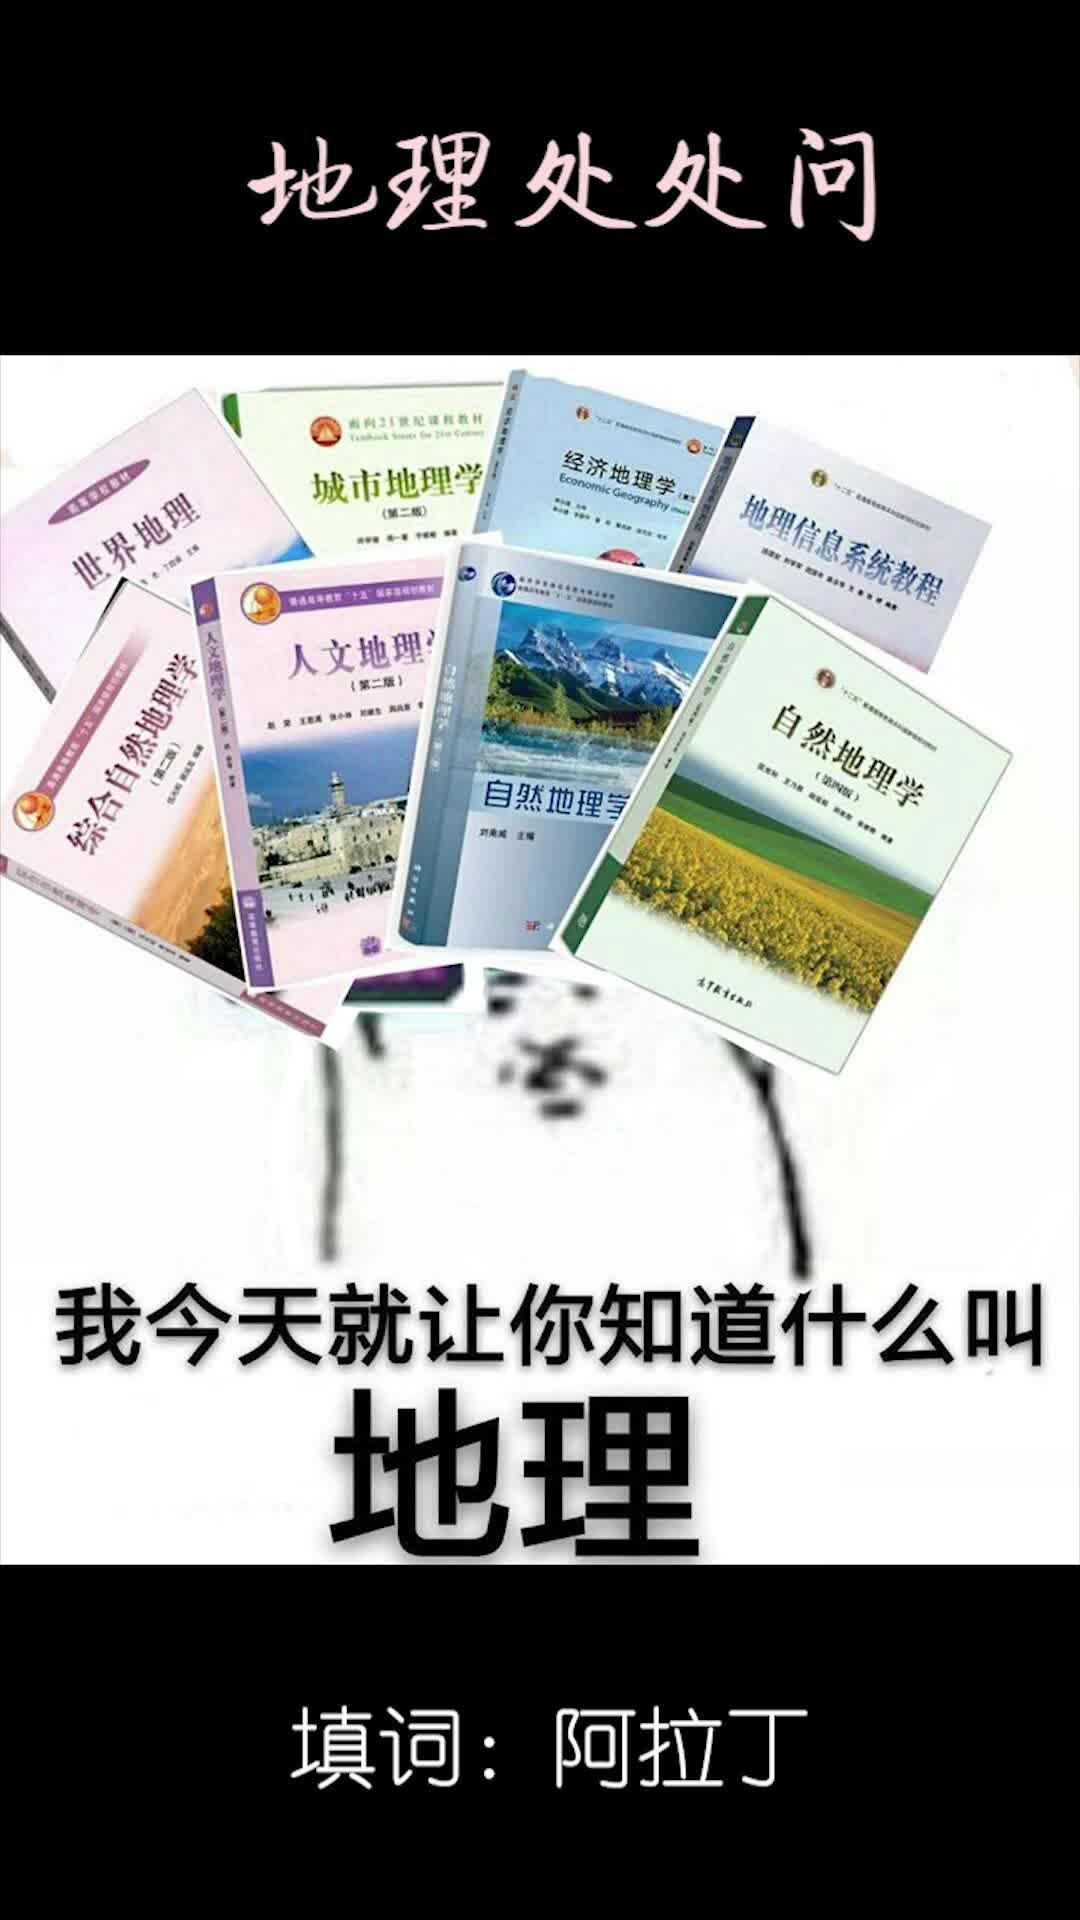 63 北京师范大学 自然地理学 丁志衡